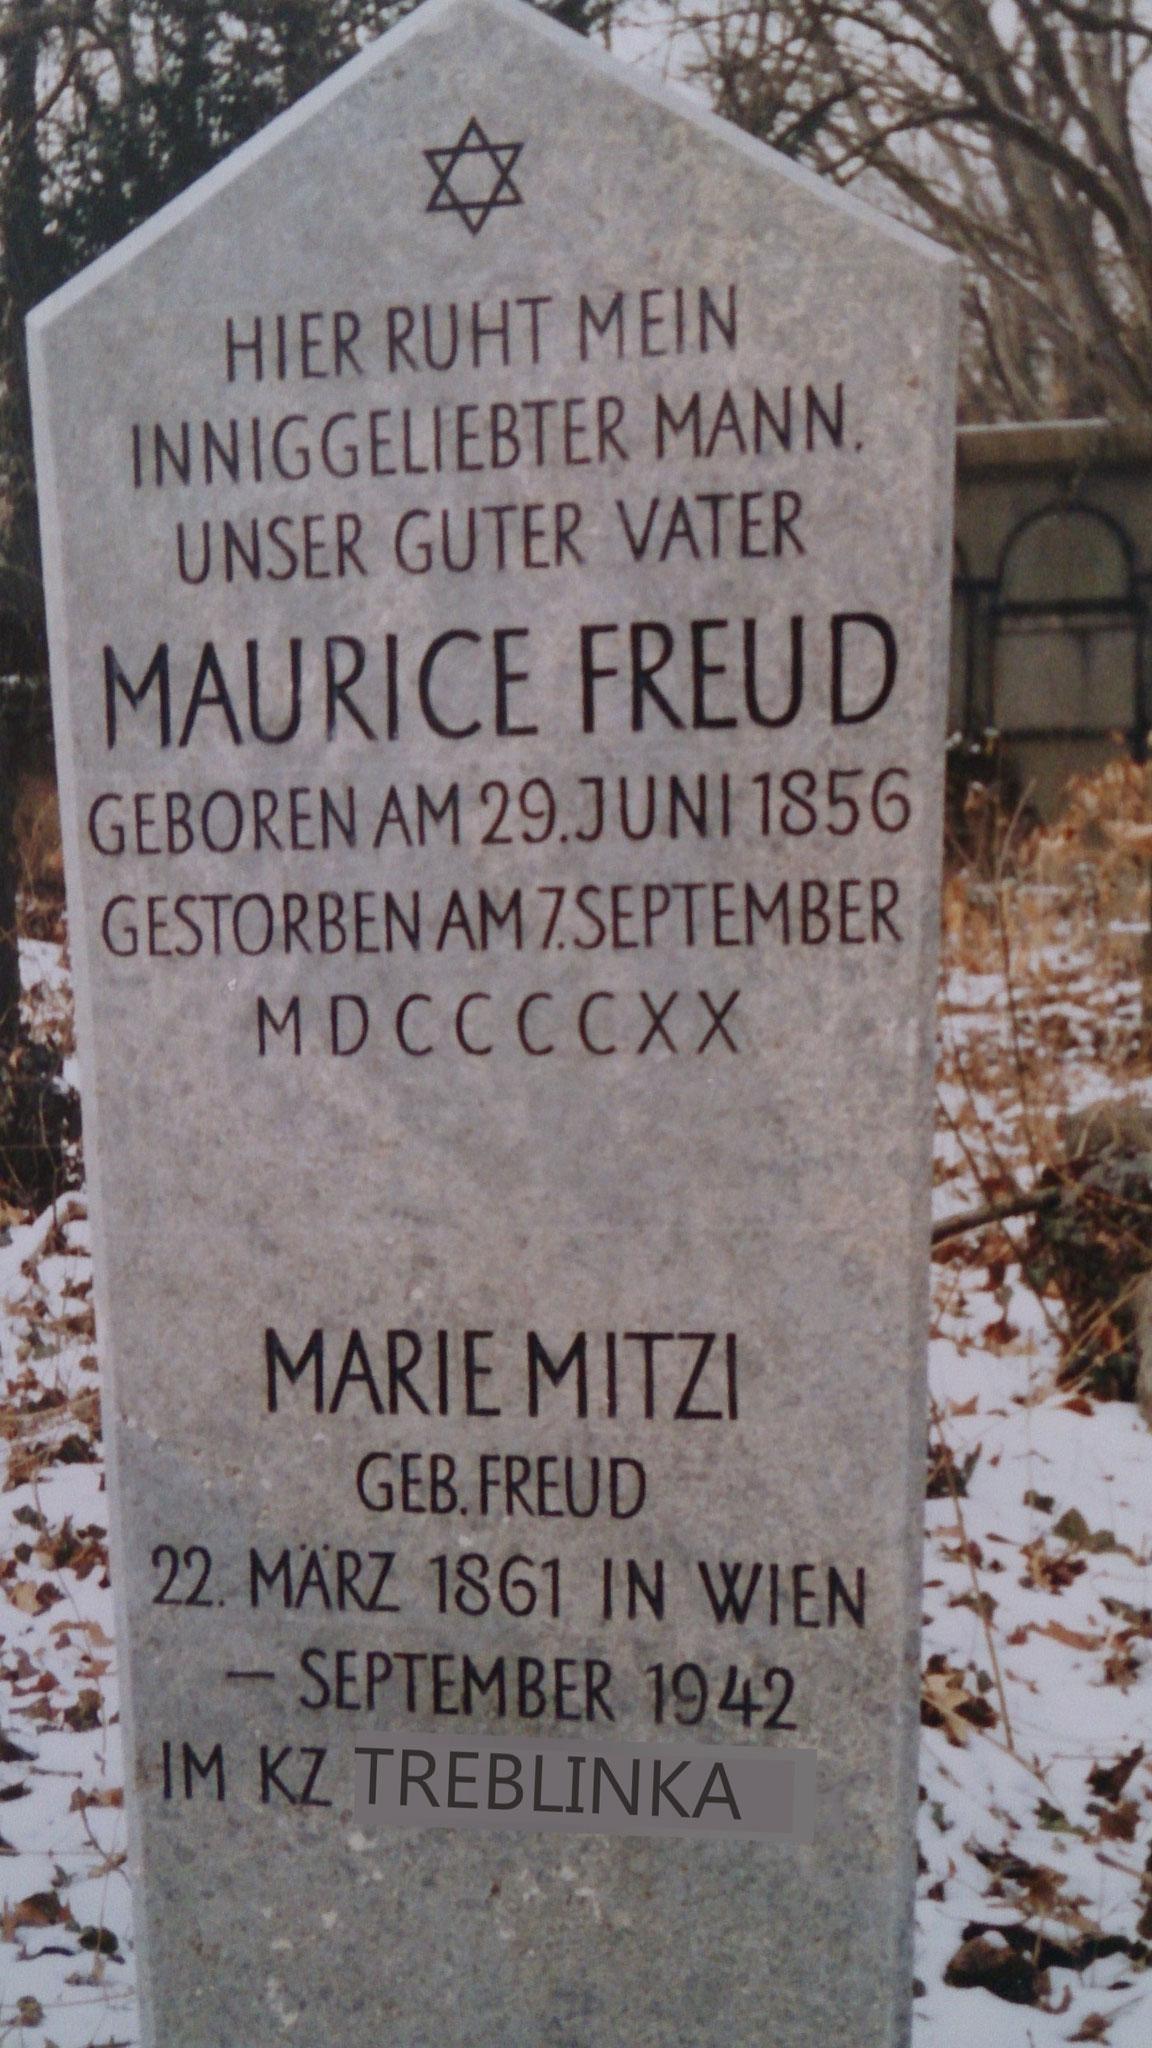 Grabstein für Maurice Freud mit Zusatz für Mitzi Freud